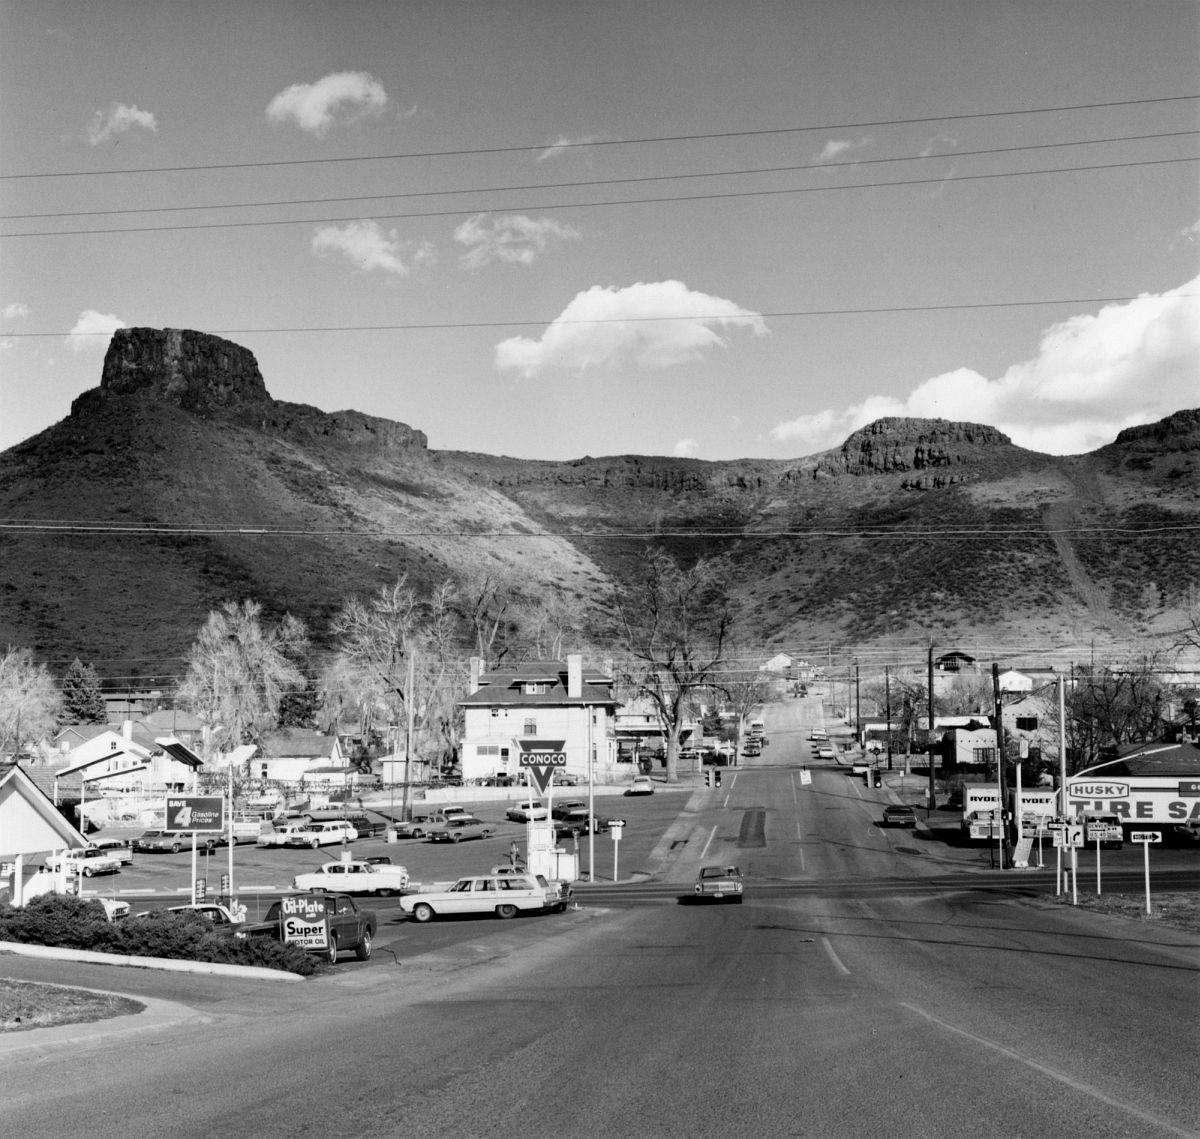 Golden, Colorado, 1969